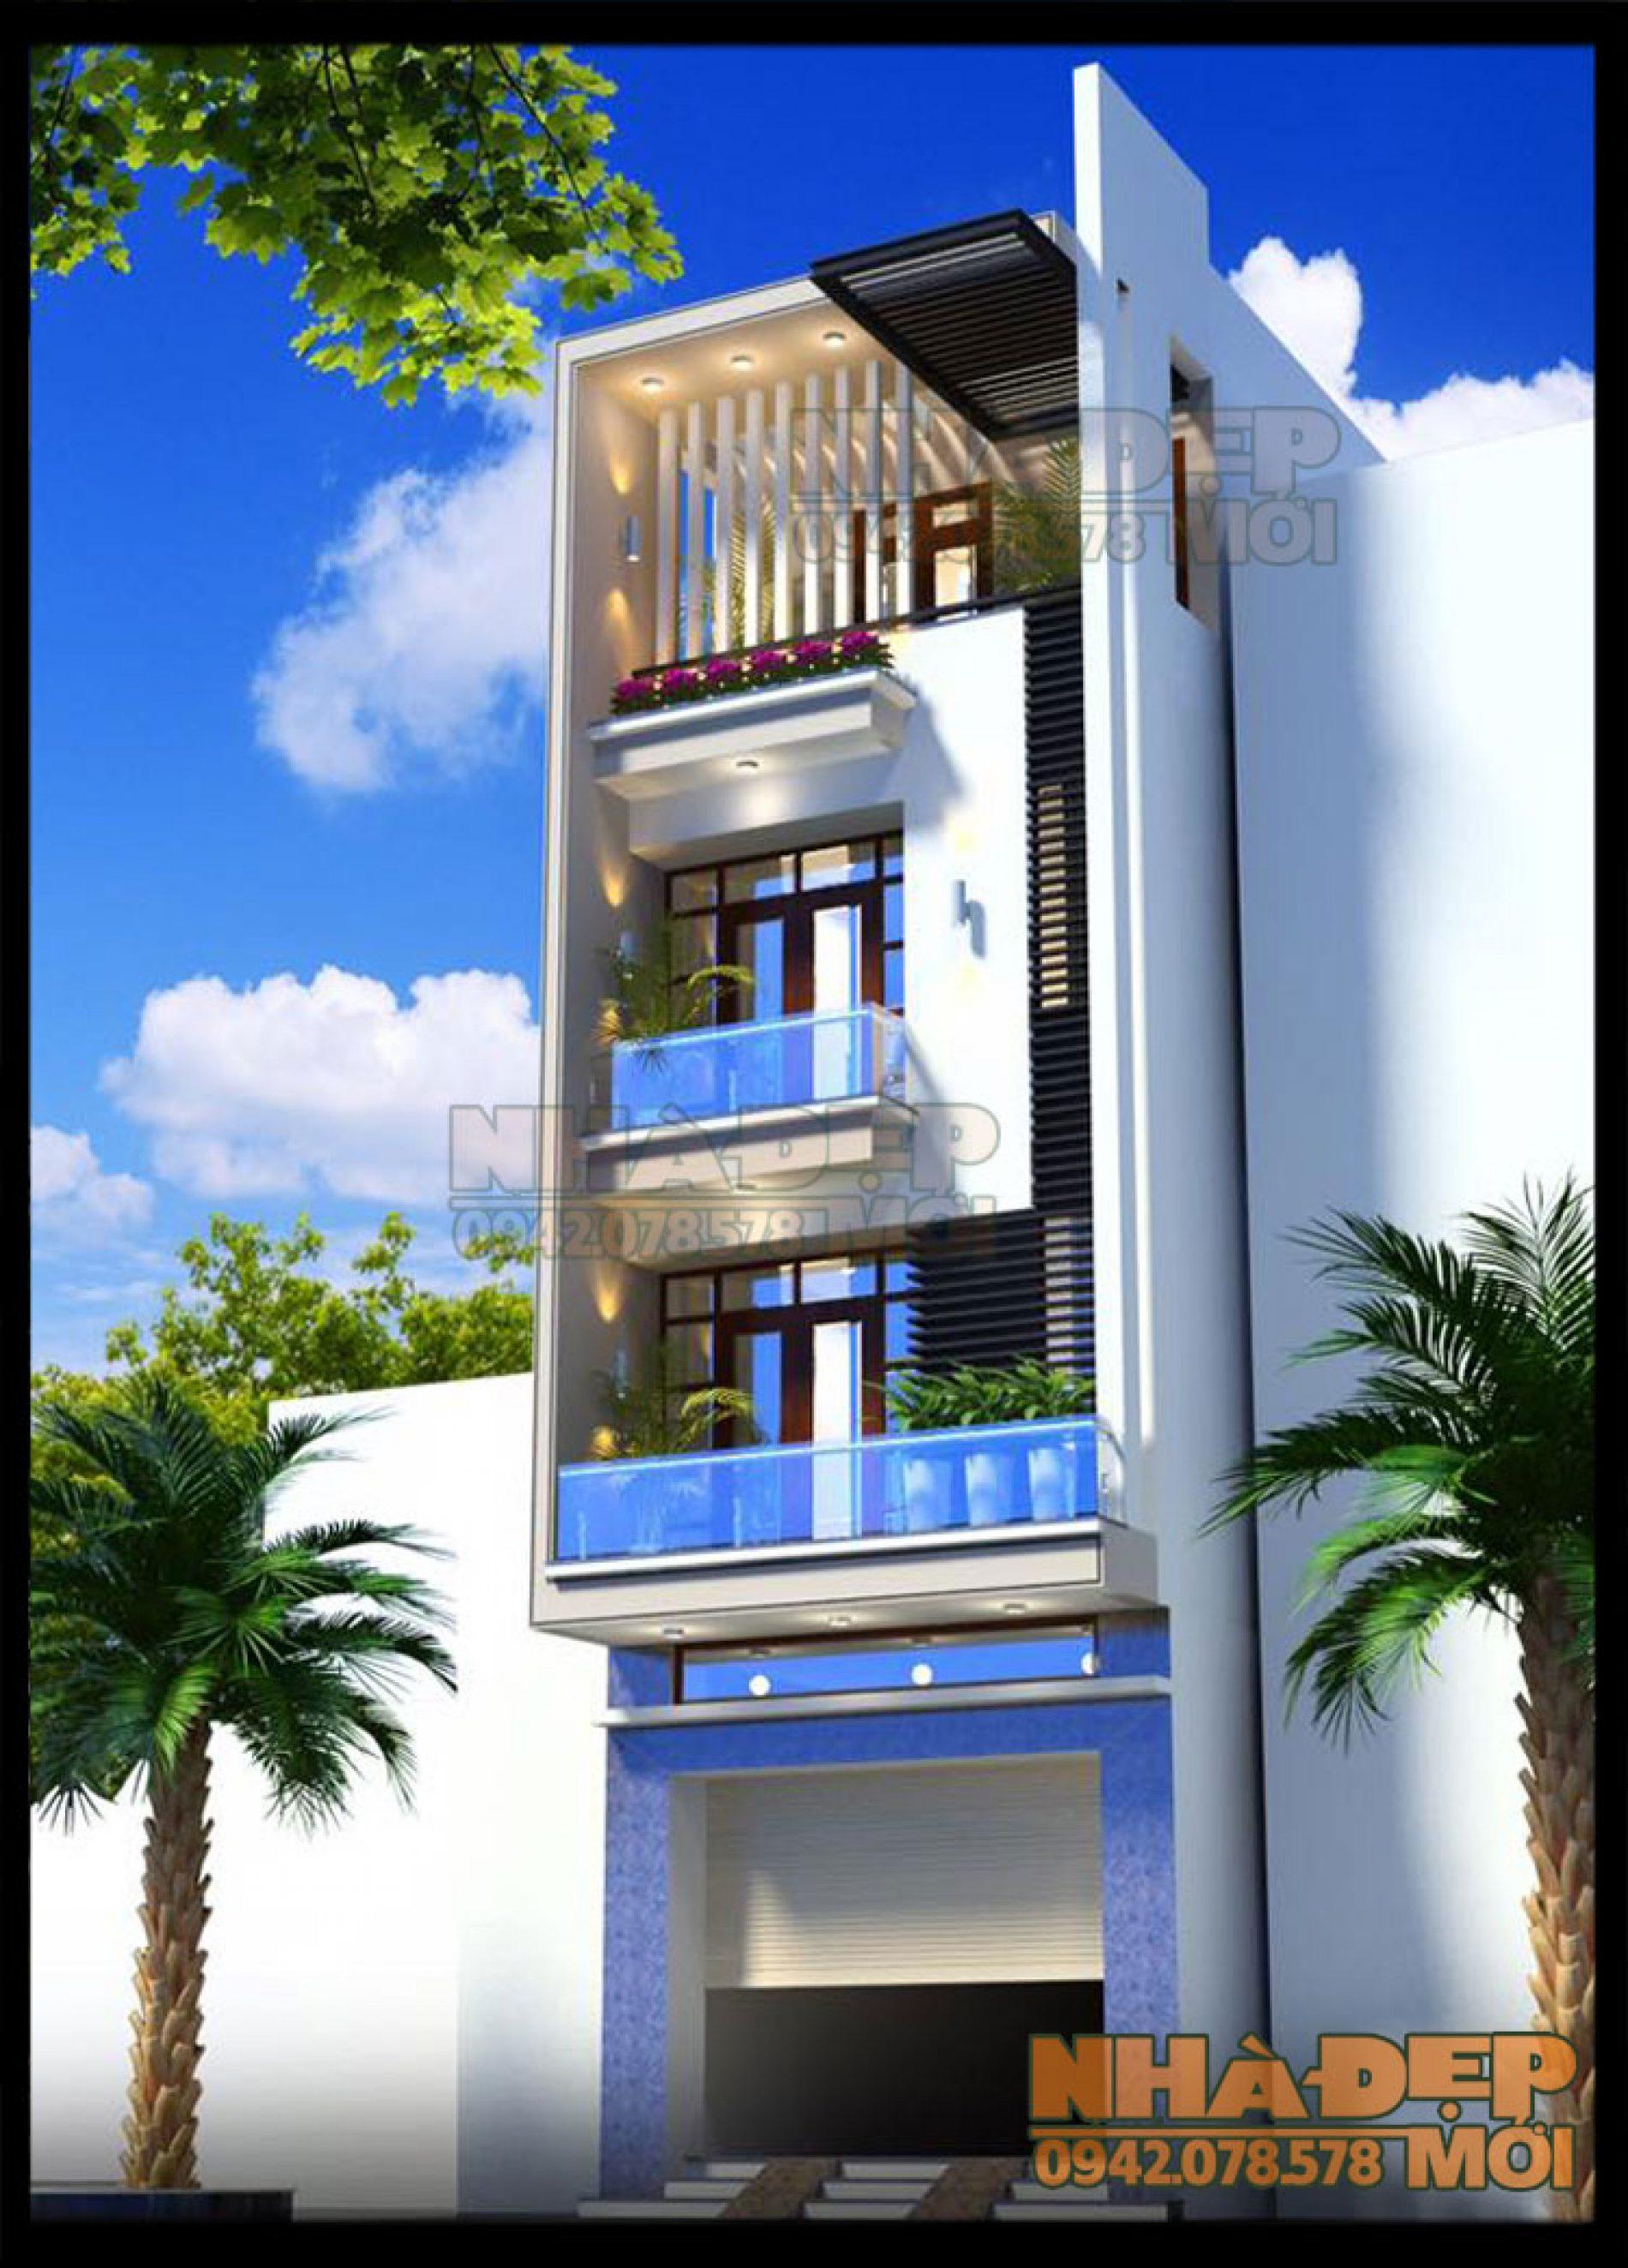 Mẫu thiết kế nhà phố 5x20m có mặt tiền đẹp tại TT. Long Thành-Đồng Nai-VNP270417